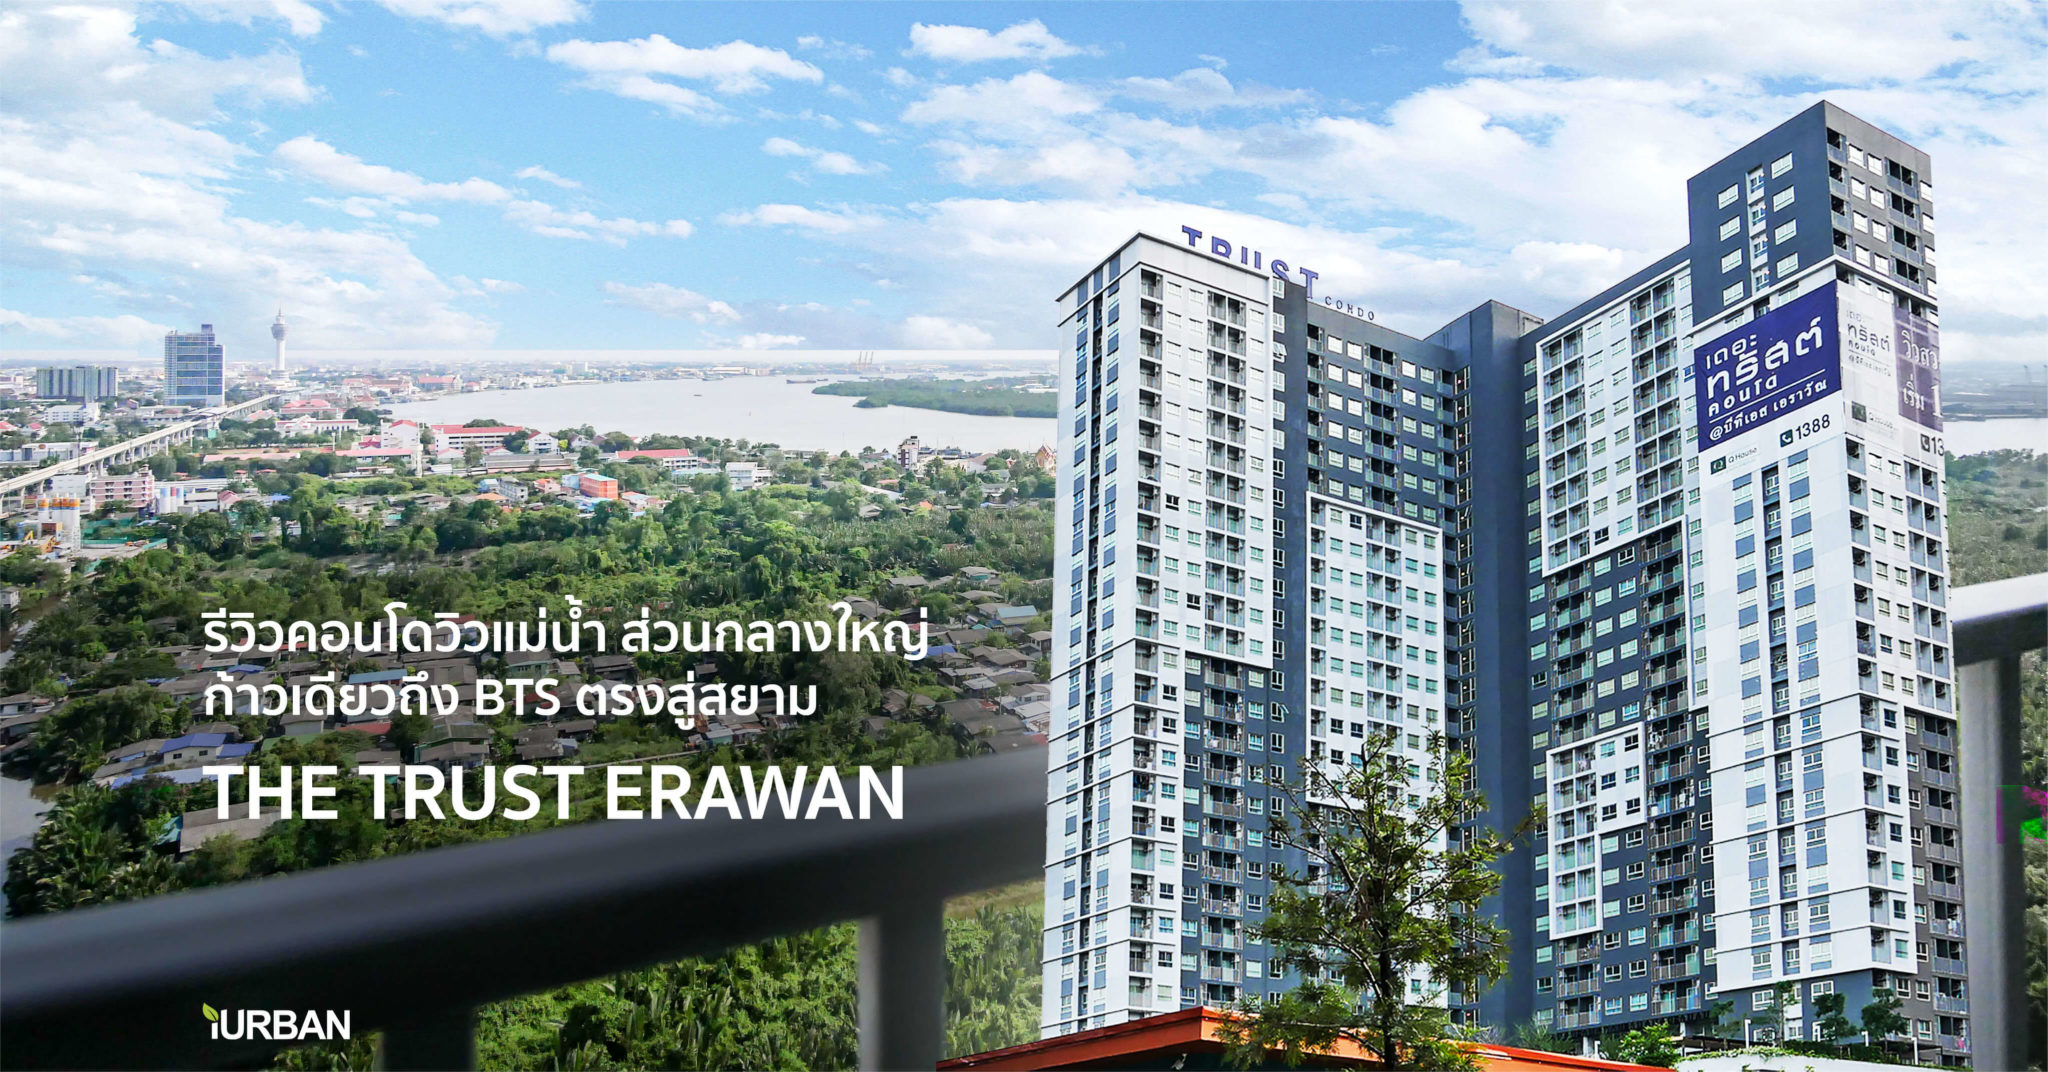 รีวิว The Trust Erawan คอนโดวิวแม่น้ำ / 1 ก้าวถึง BTS / 700 เมตรทางด่วน / ส่วนกลางใหญ่ 13 - Premium